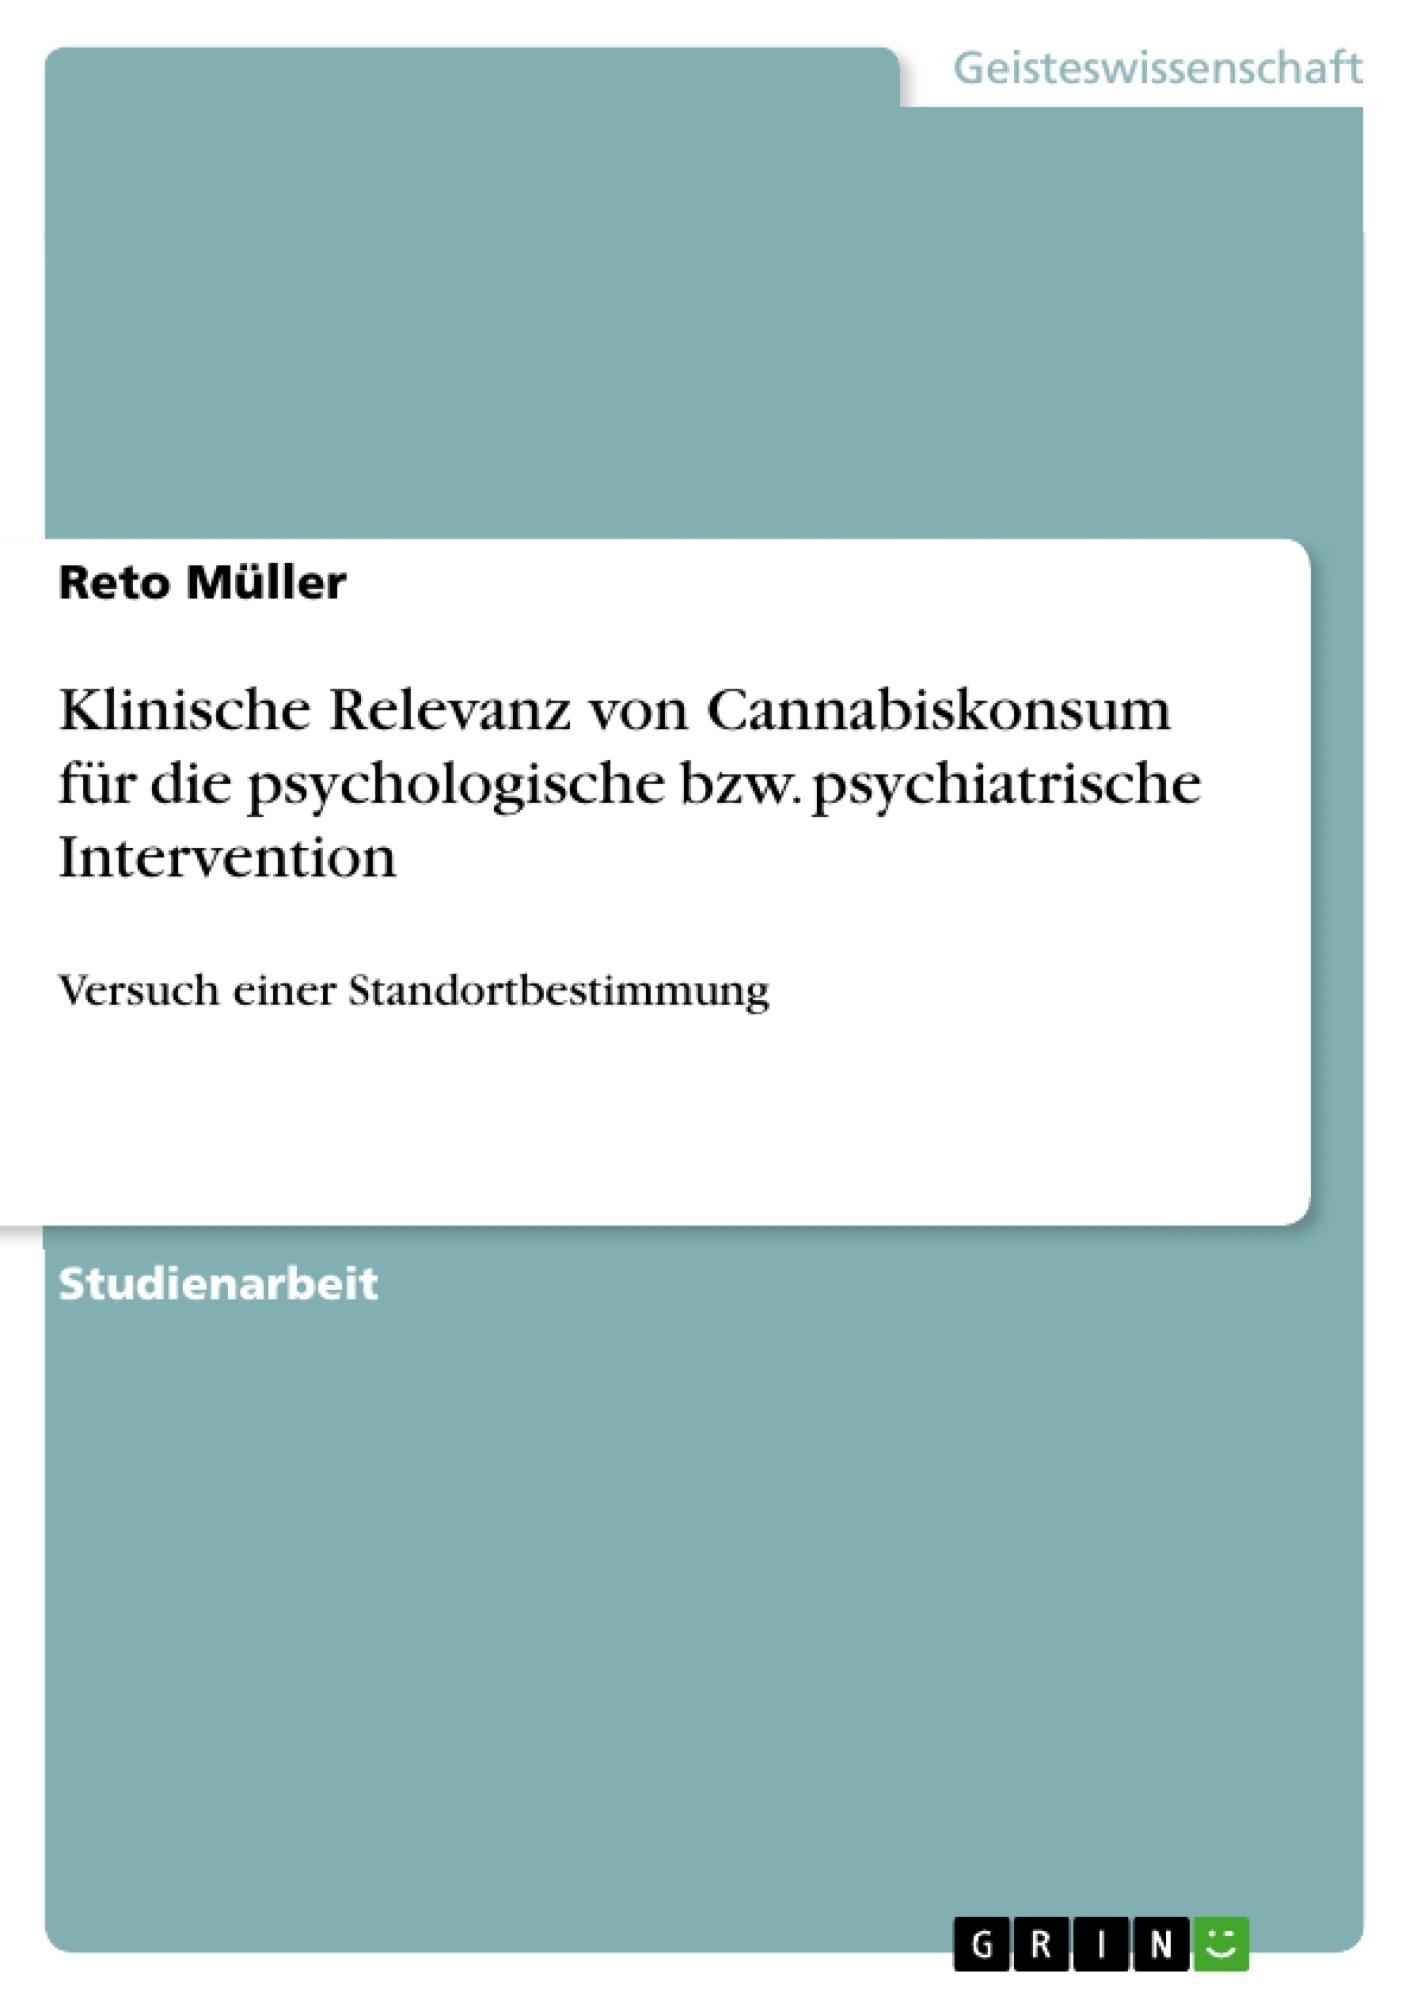 Titel: Klinische Relevanz von Cannabiskonsum für die psychologische bzw. psychiatrische Intervention